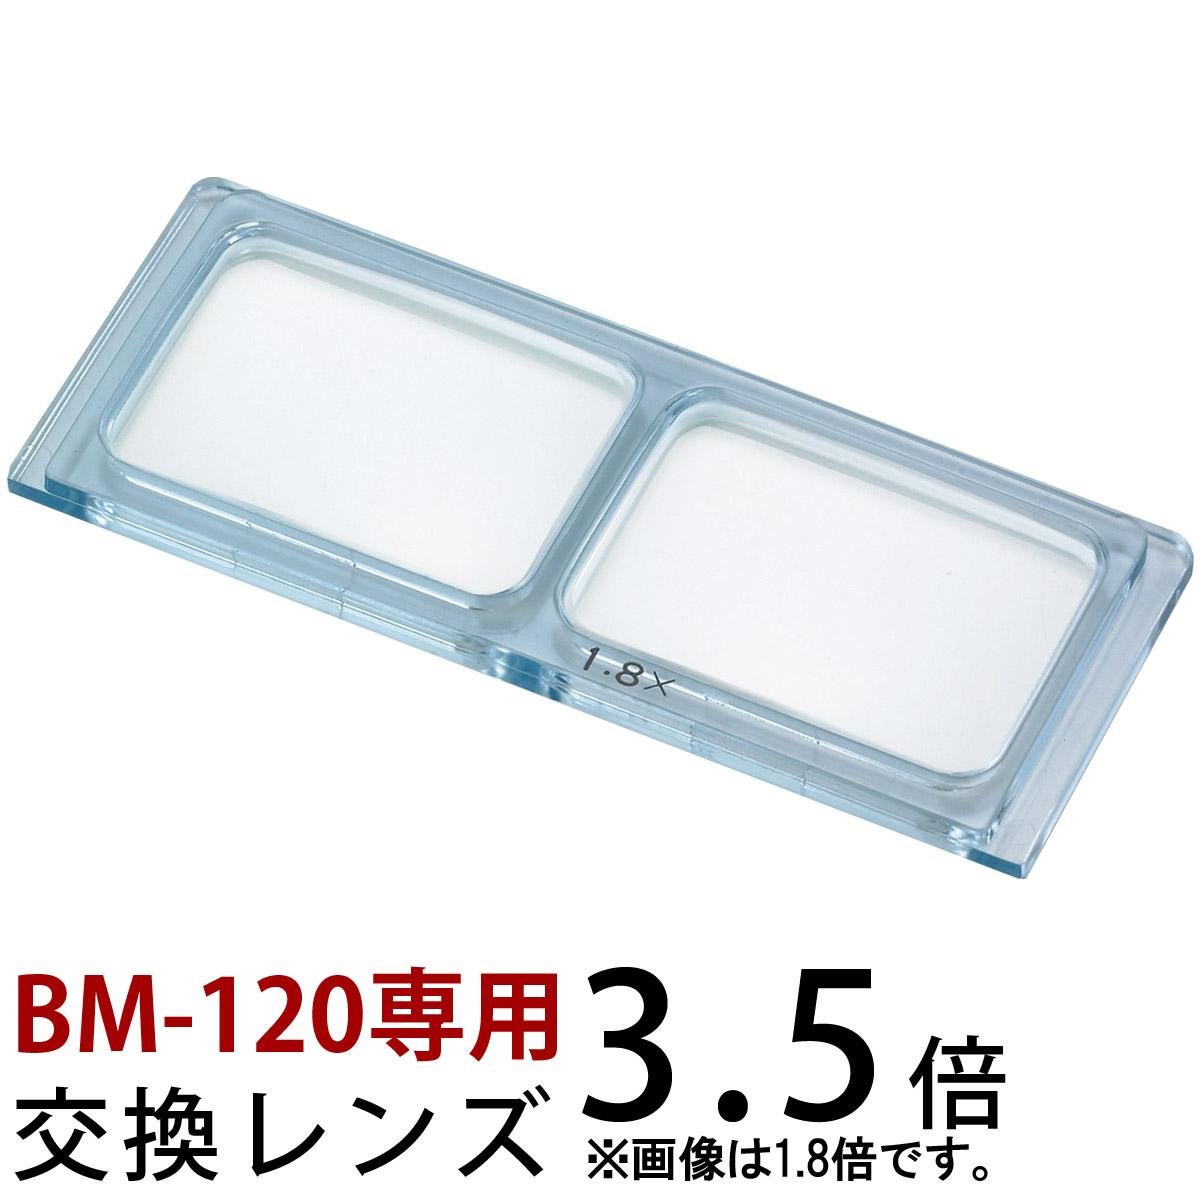 ヘッドルーペ 双眼ヘッドルーペ 交換レンズ BM-120D1 3.5倍 BM-120専用 池田レンズ